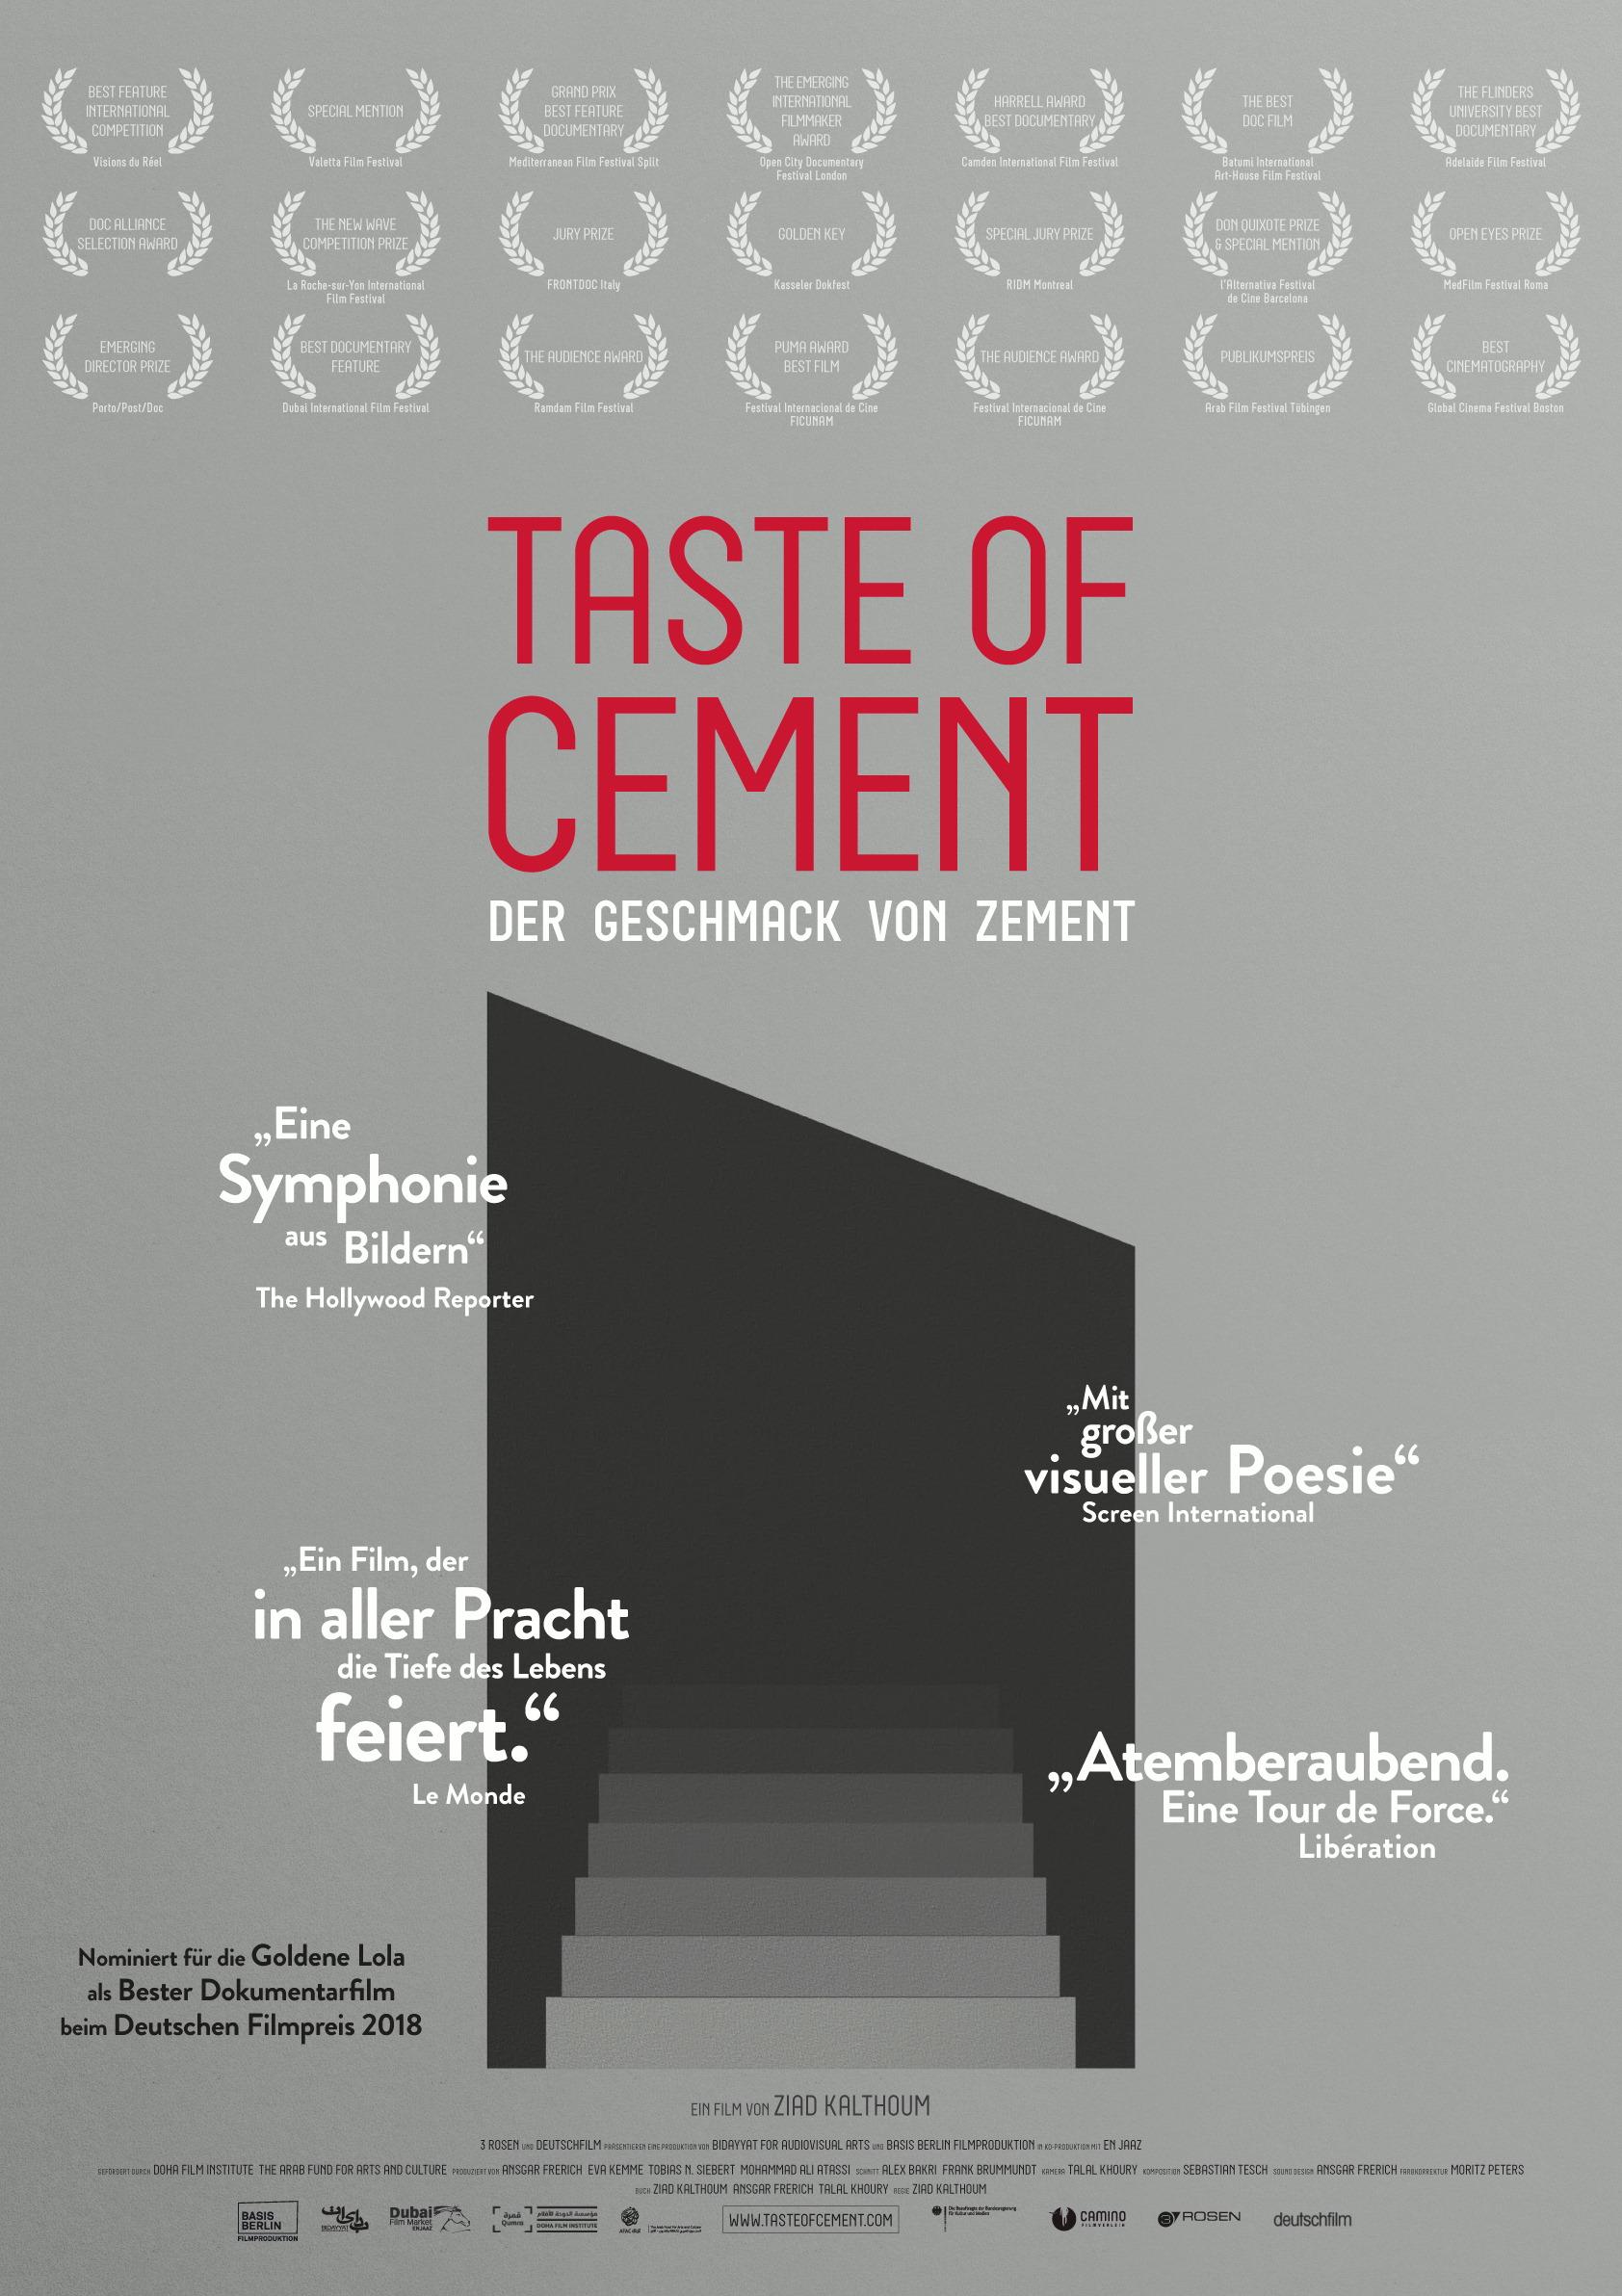 Taste of Cement - Der Geschmack von Zement